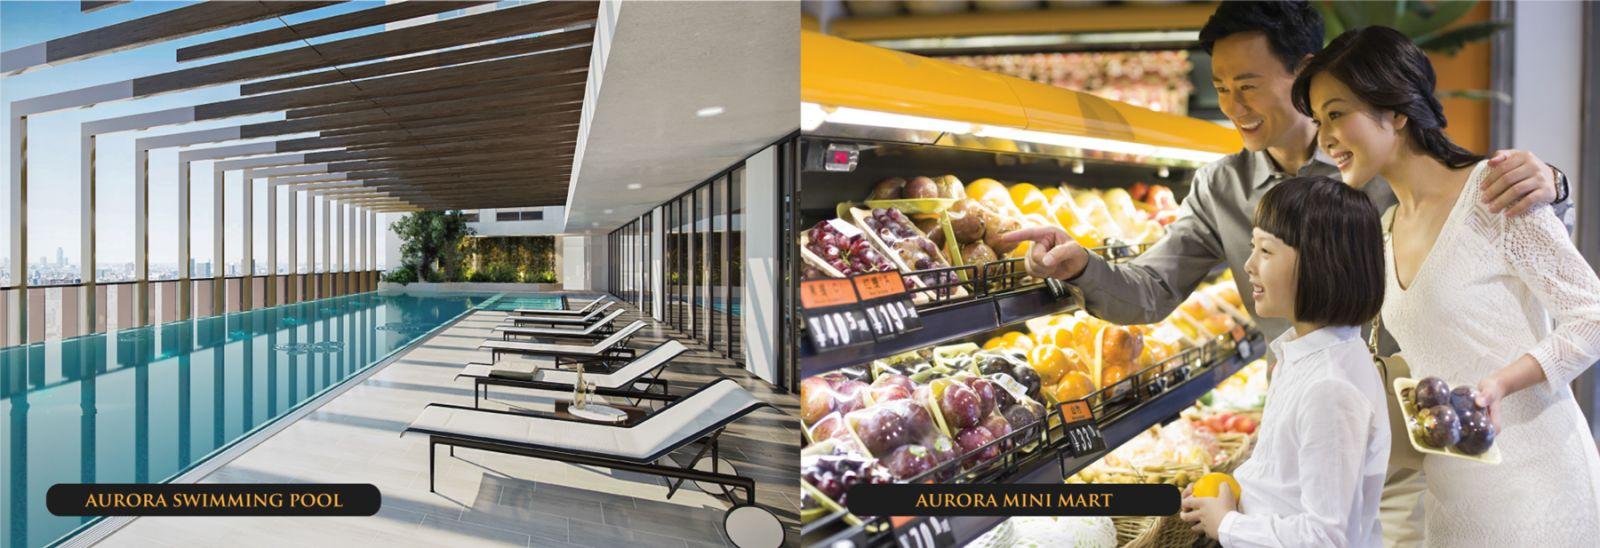 Dự án Aurora Riverside - Khu siêu thị mua sắm mini